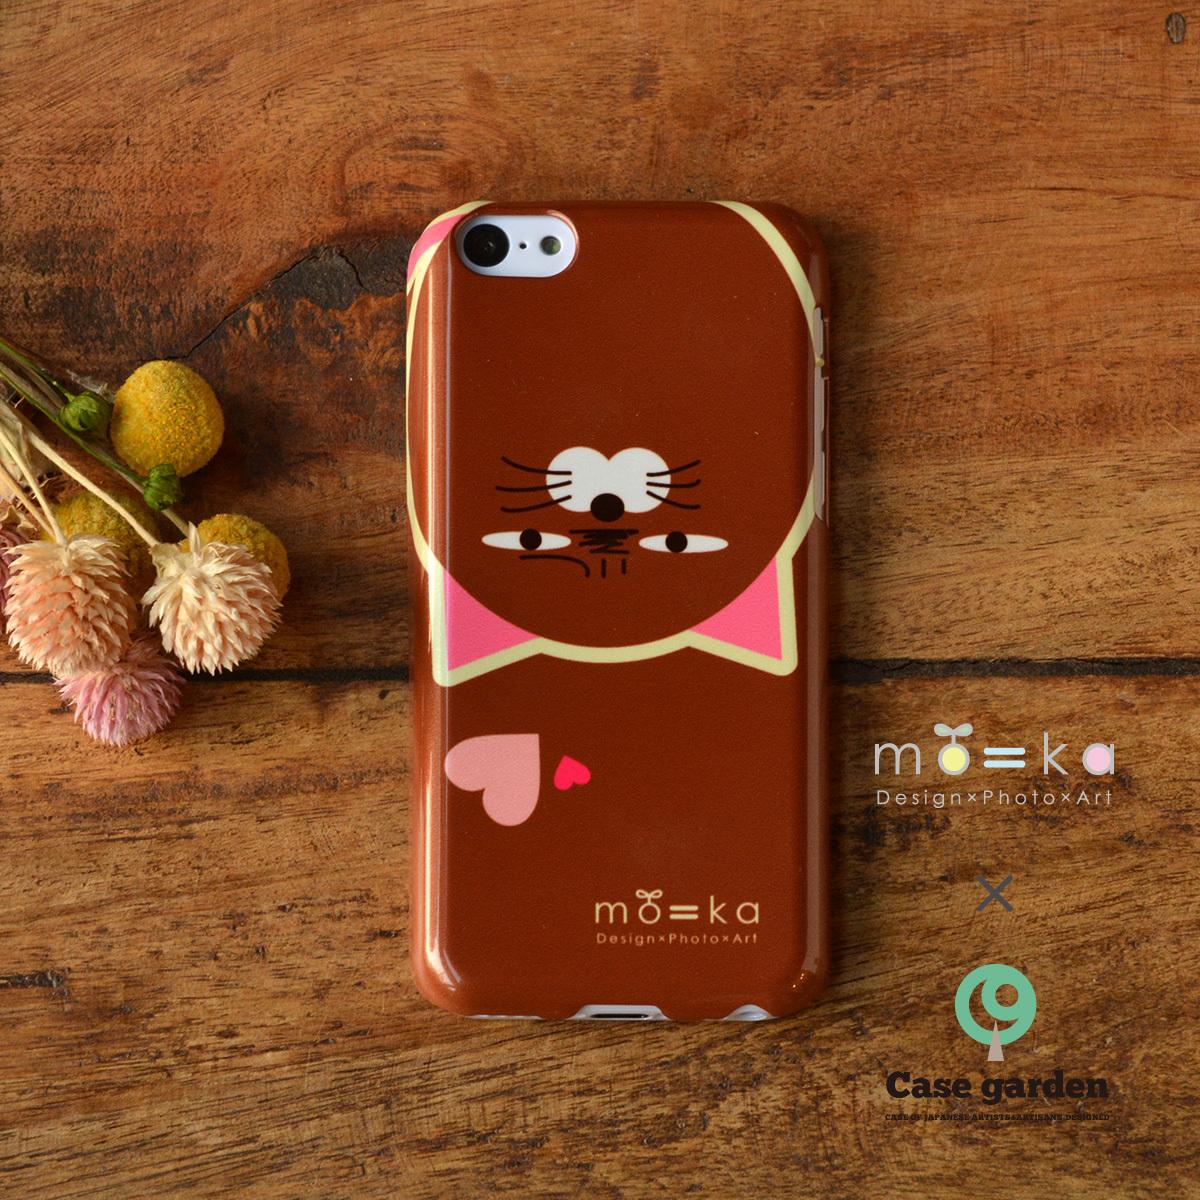 【限定色】アイフォン5c ケース 猫 iphone5c ケース ねこ iphone5c 猫 ケース iphoneケース 猫 おしゃれ キラキラ もやしねこ(ハート)/mo=ka×ケースガーデン